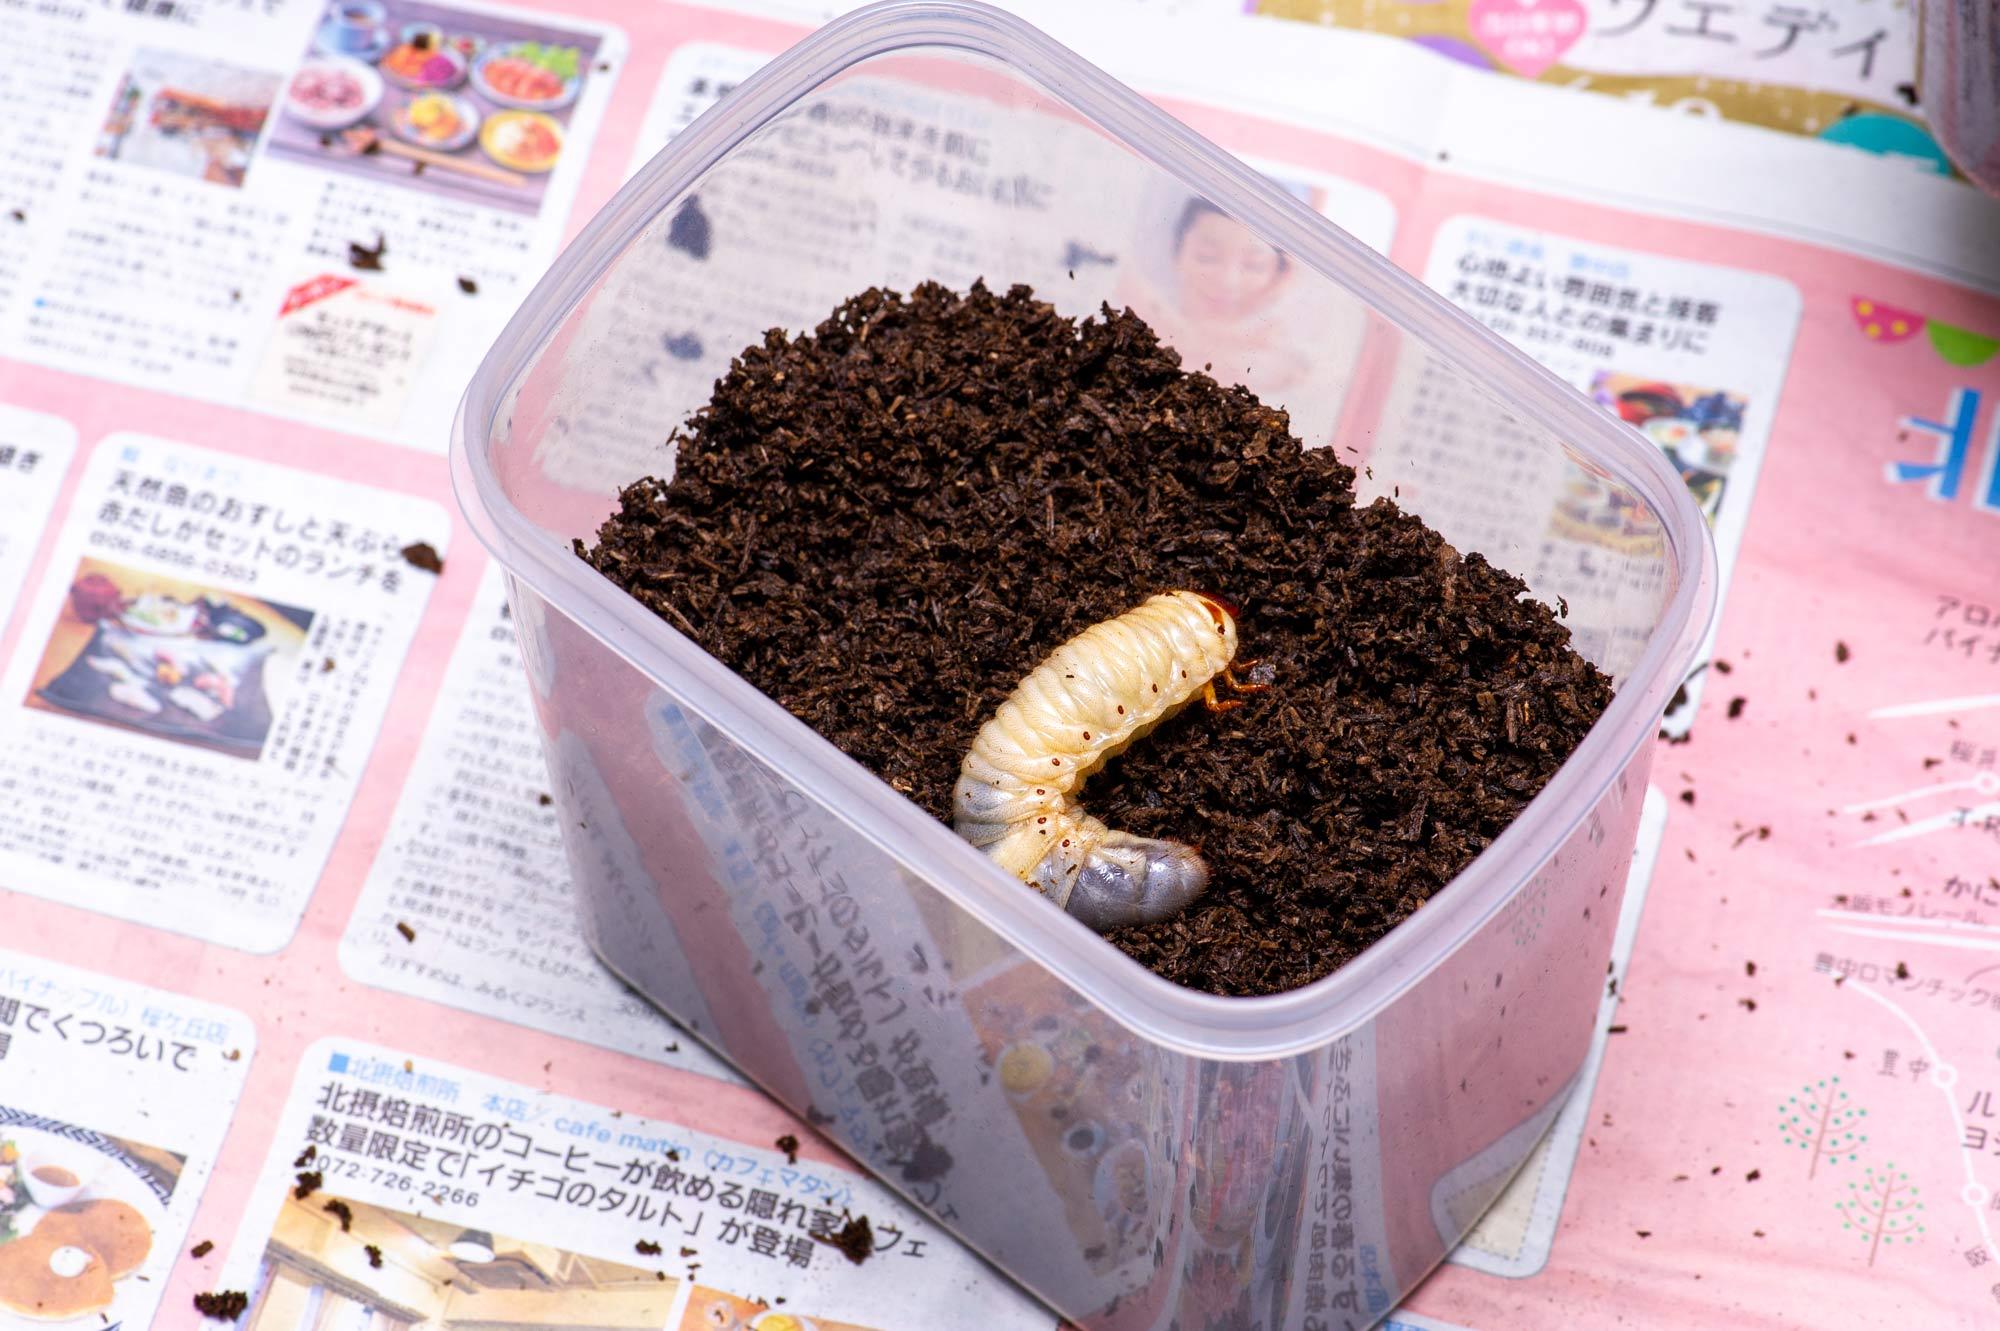 カブトムシ飼育の画像